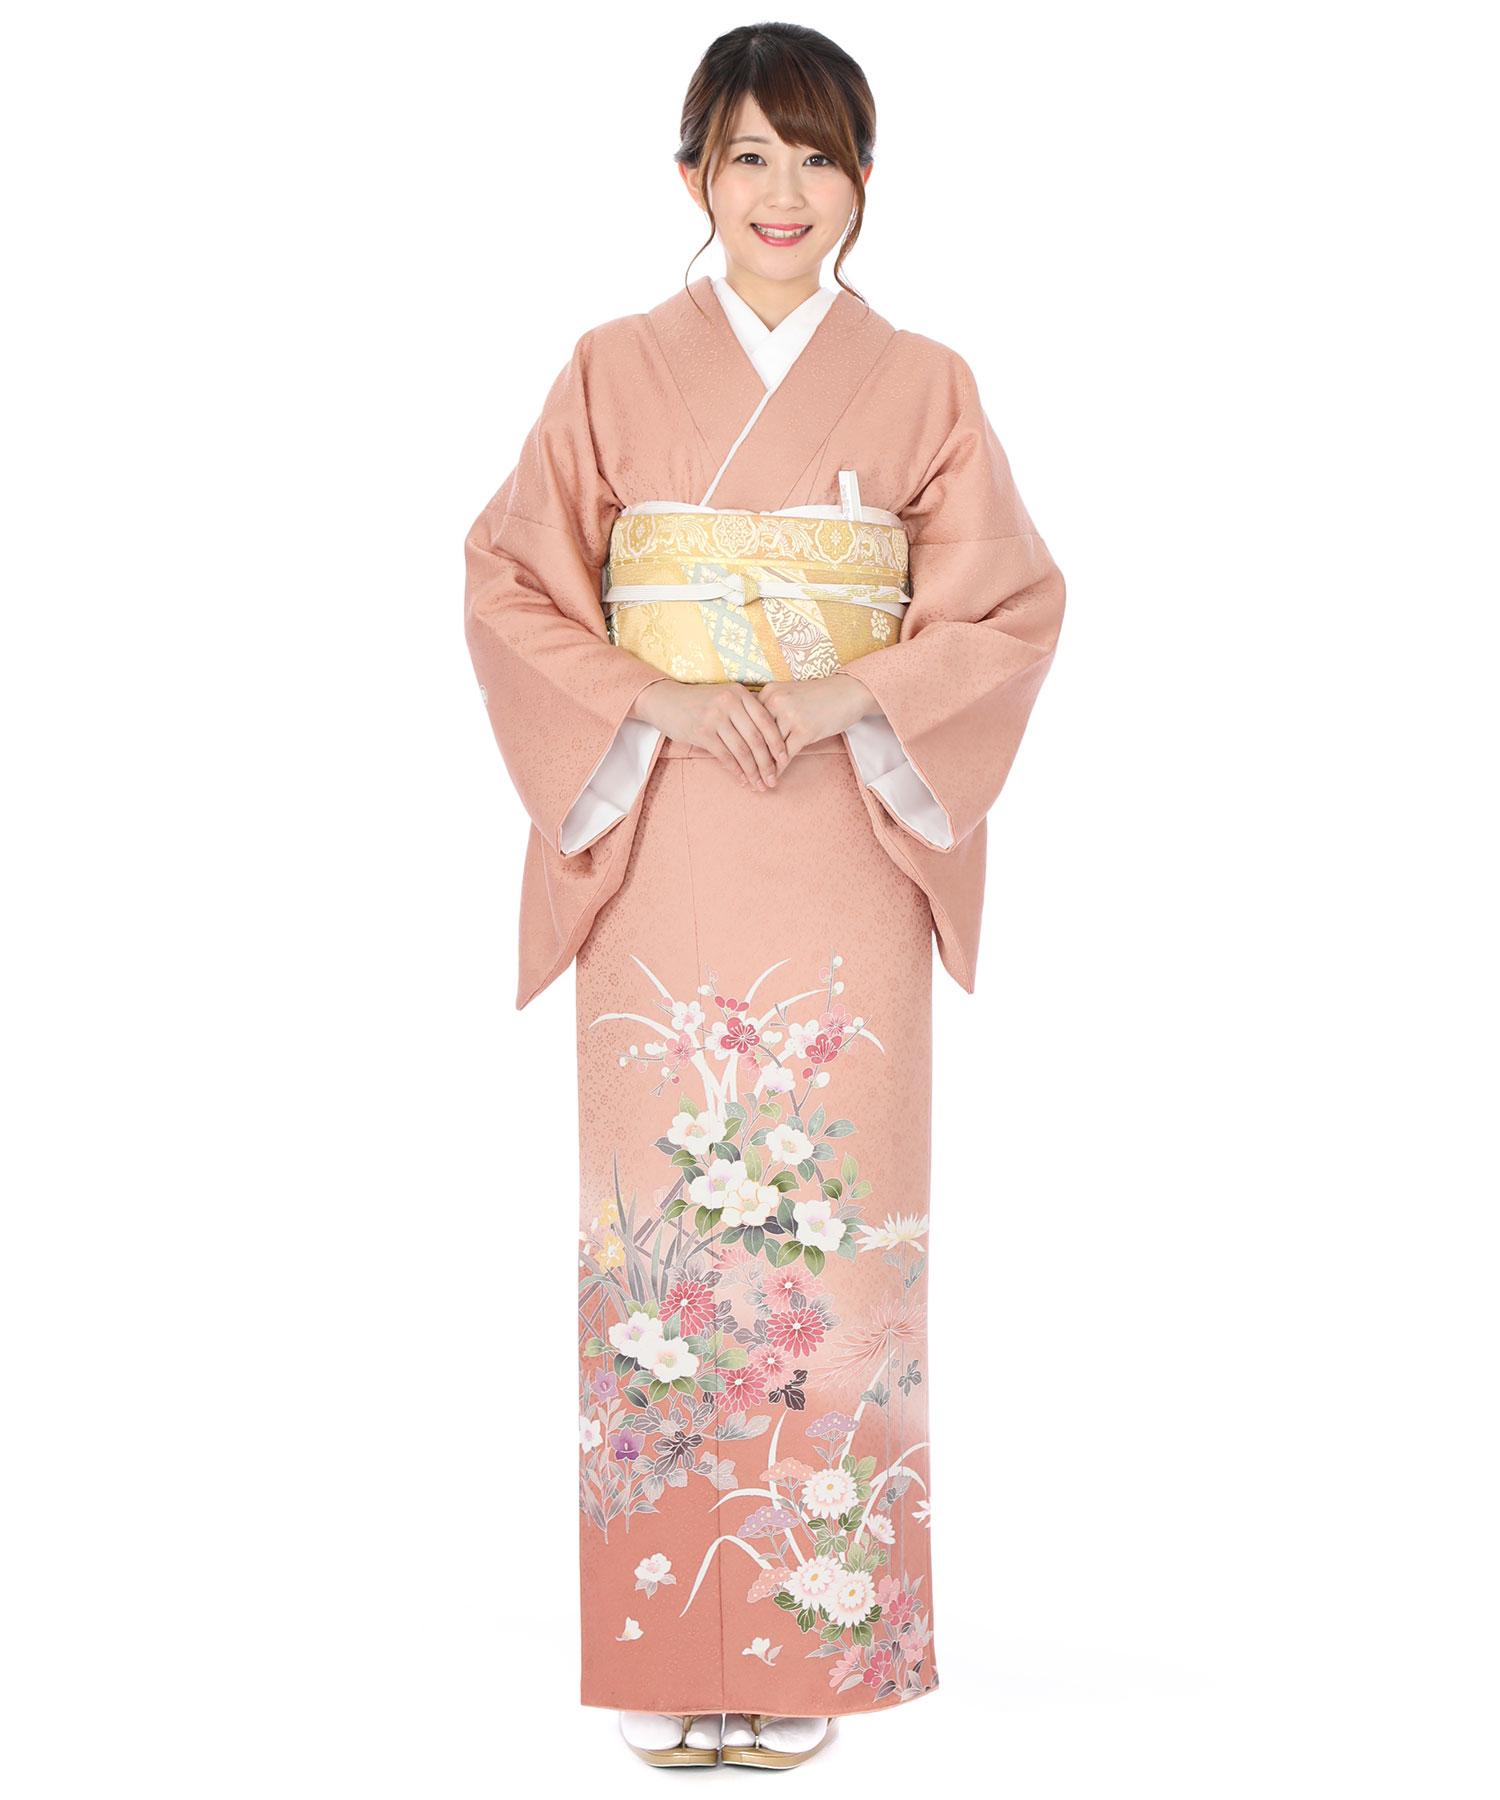 色留袖レンタル ピンク地に梅と椿